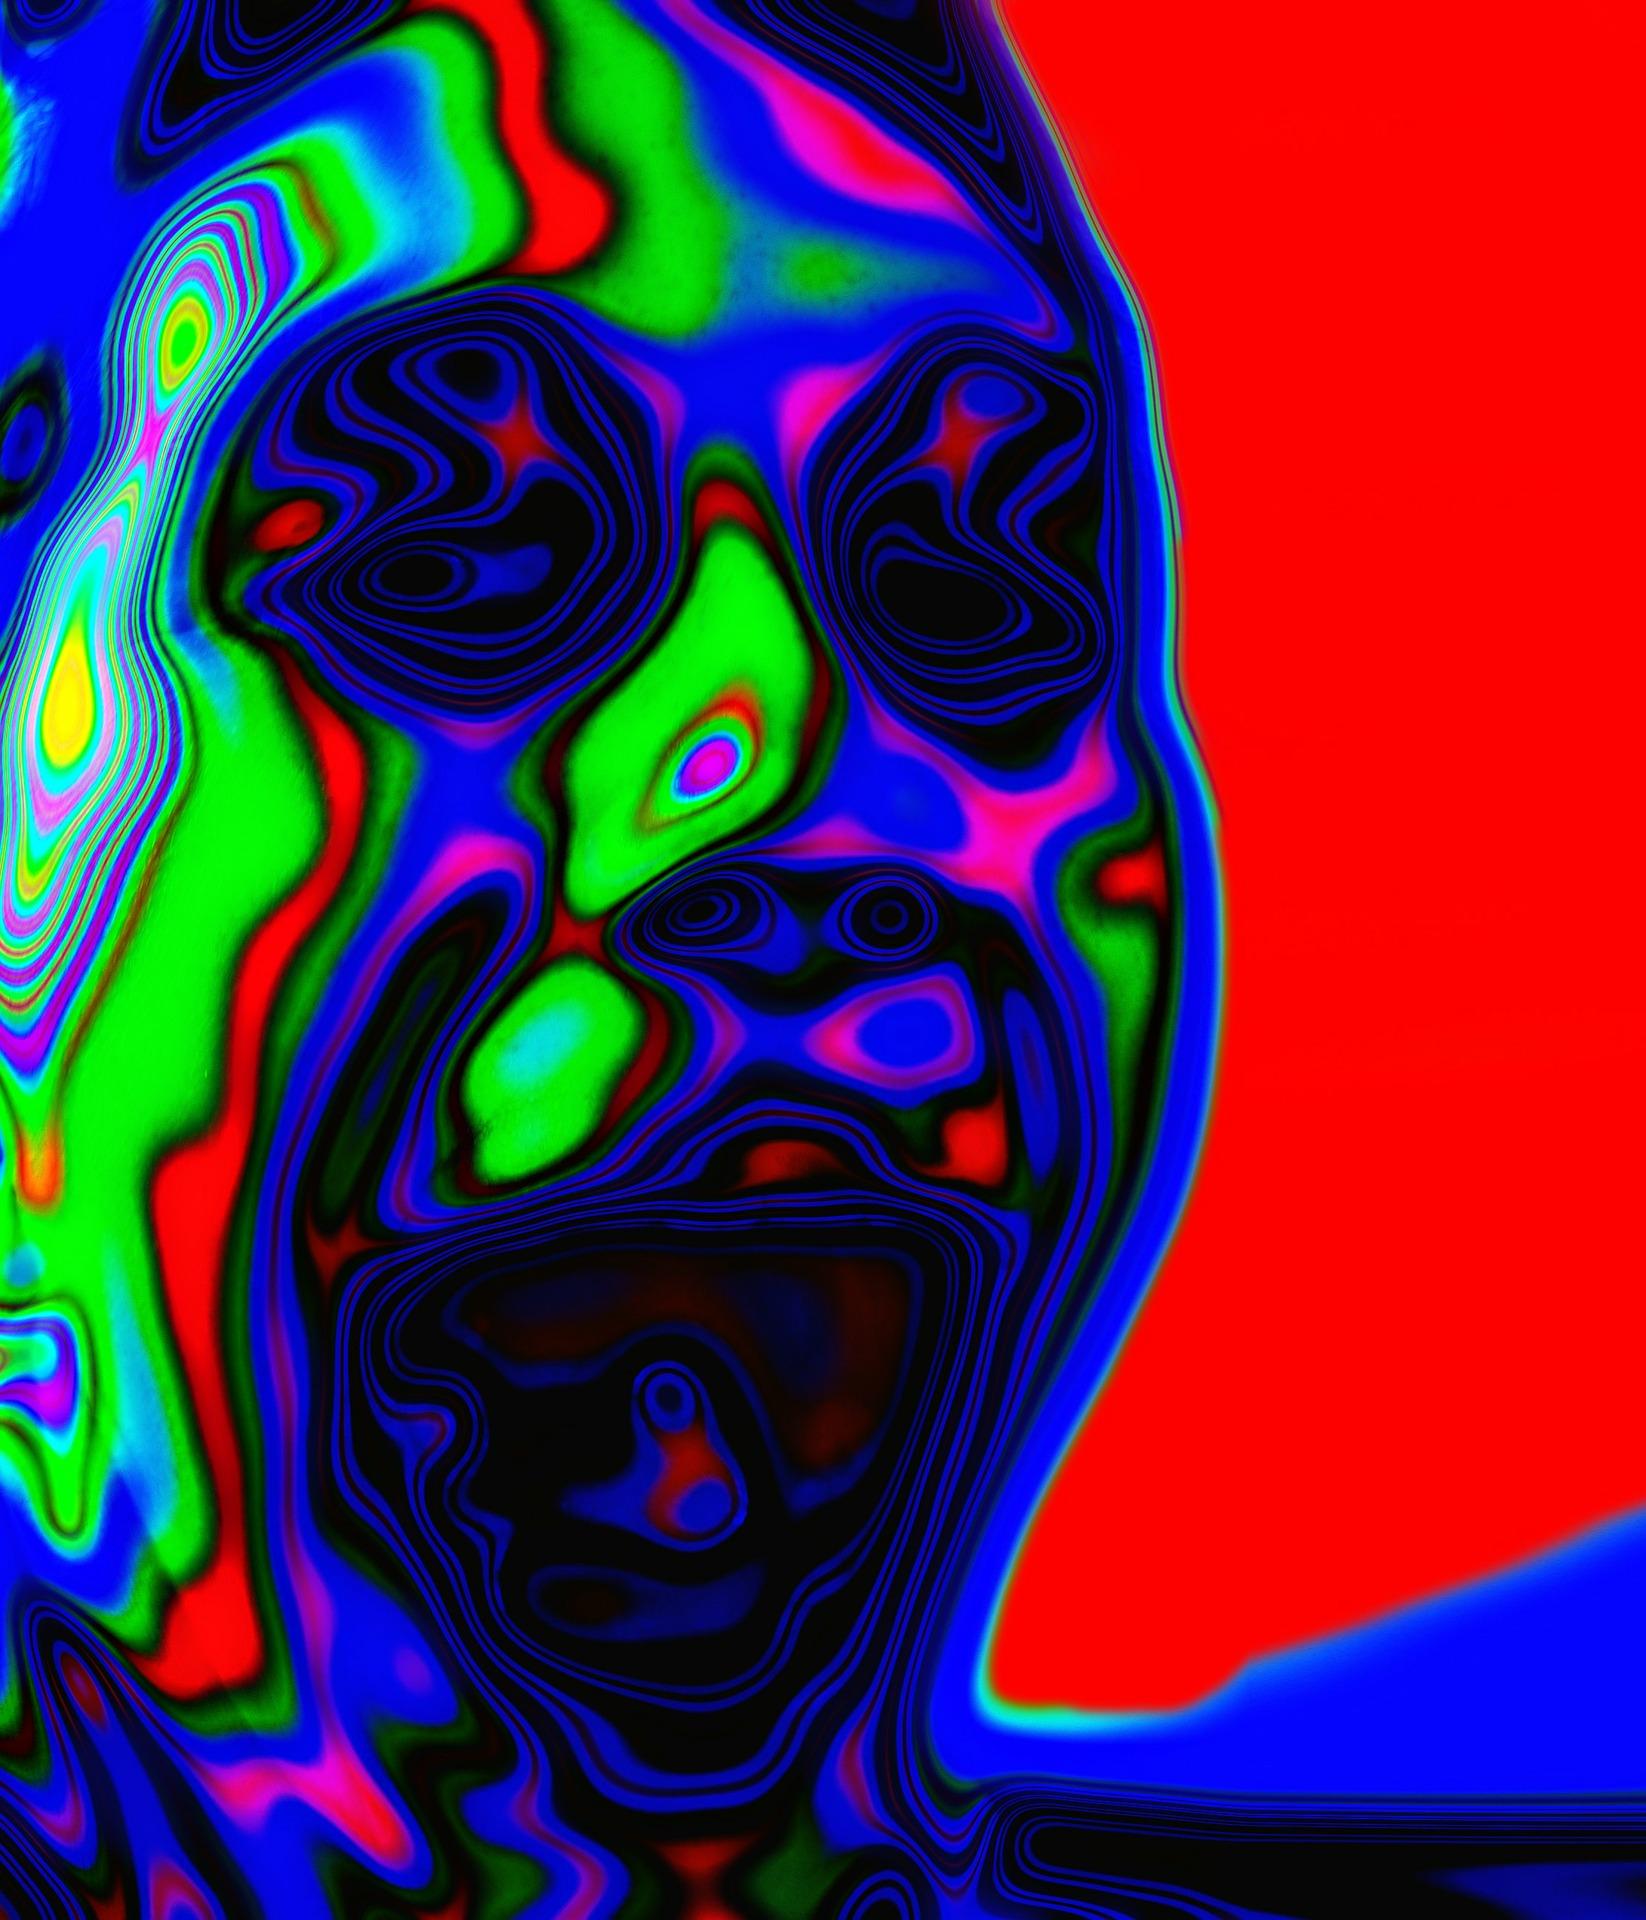 face-73401_1920.jpg